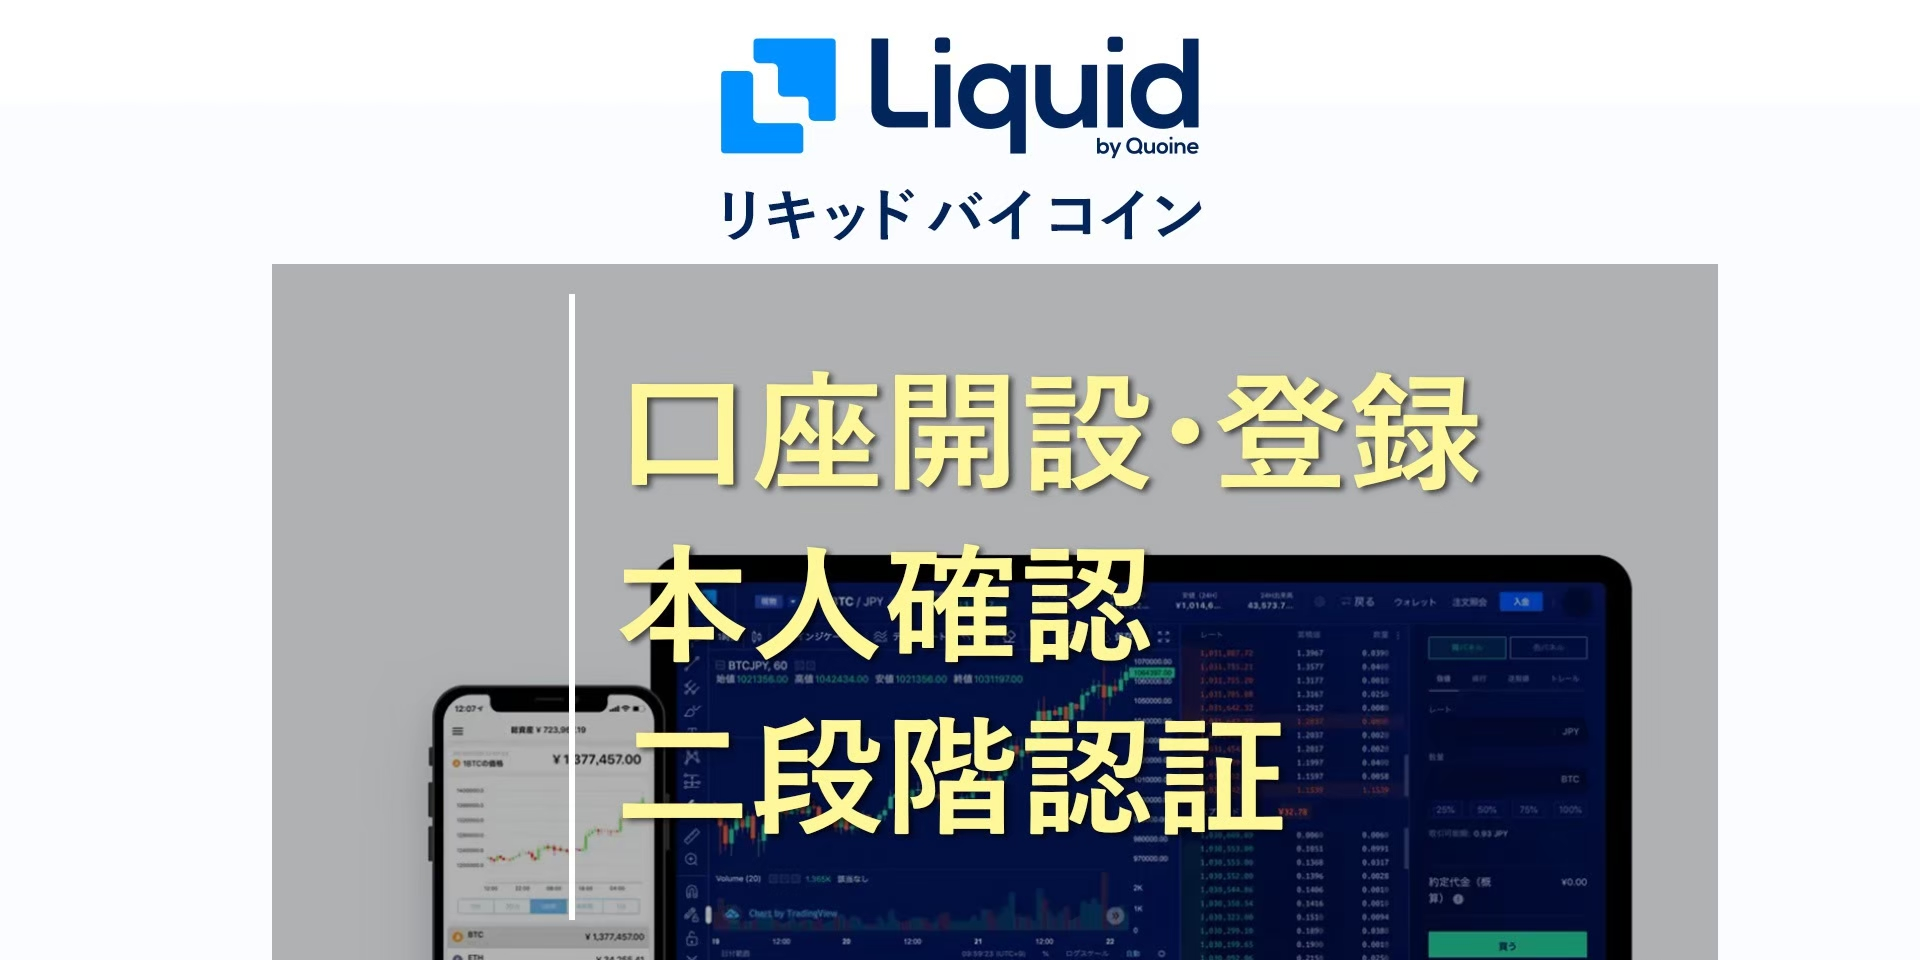 リキッドバイコイン(Liquid by Quoine)の口座開設、登録、本人確認方法